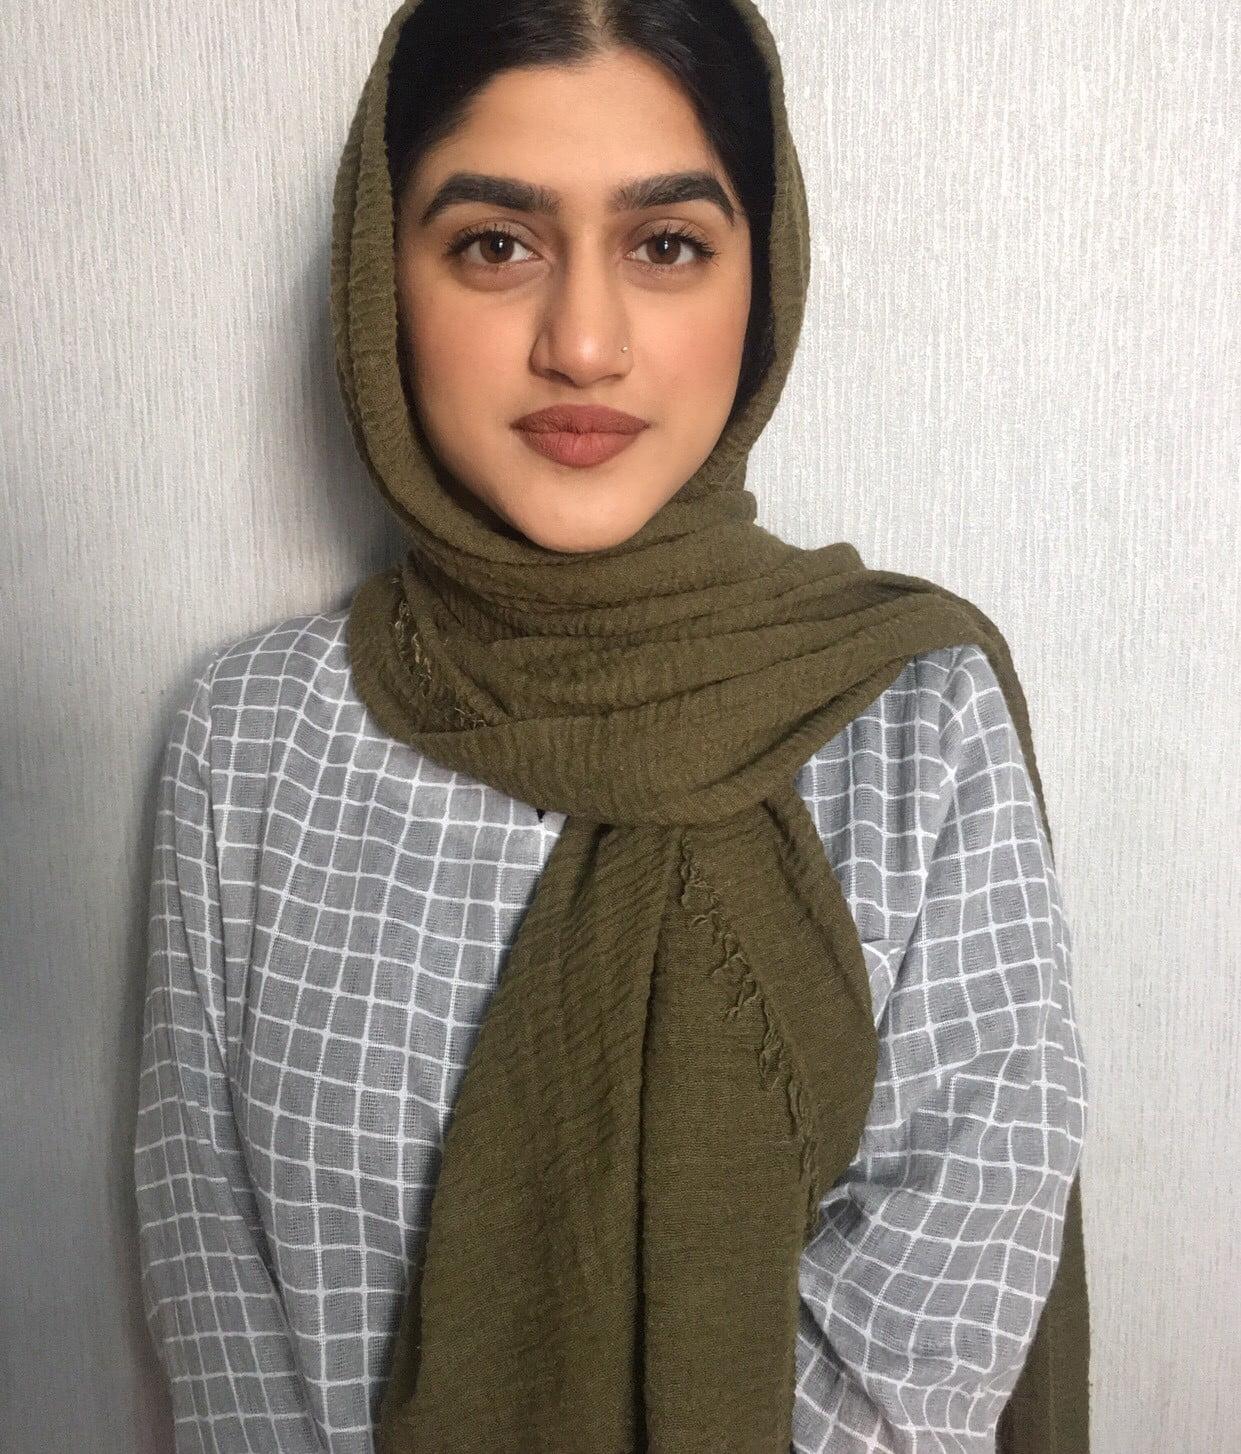 Marium Shafique